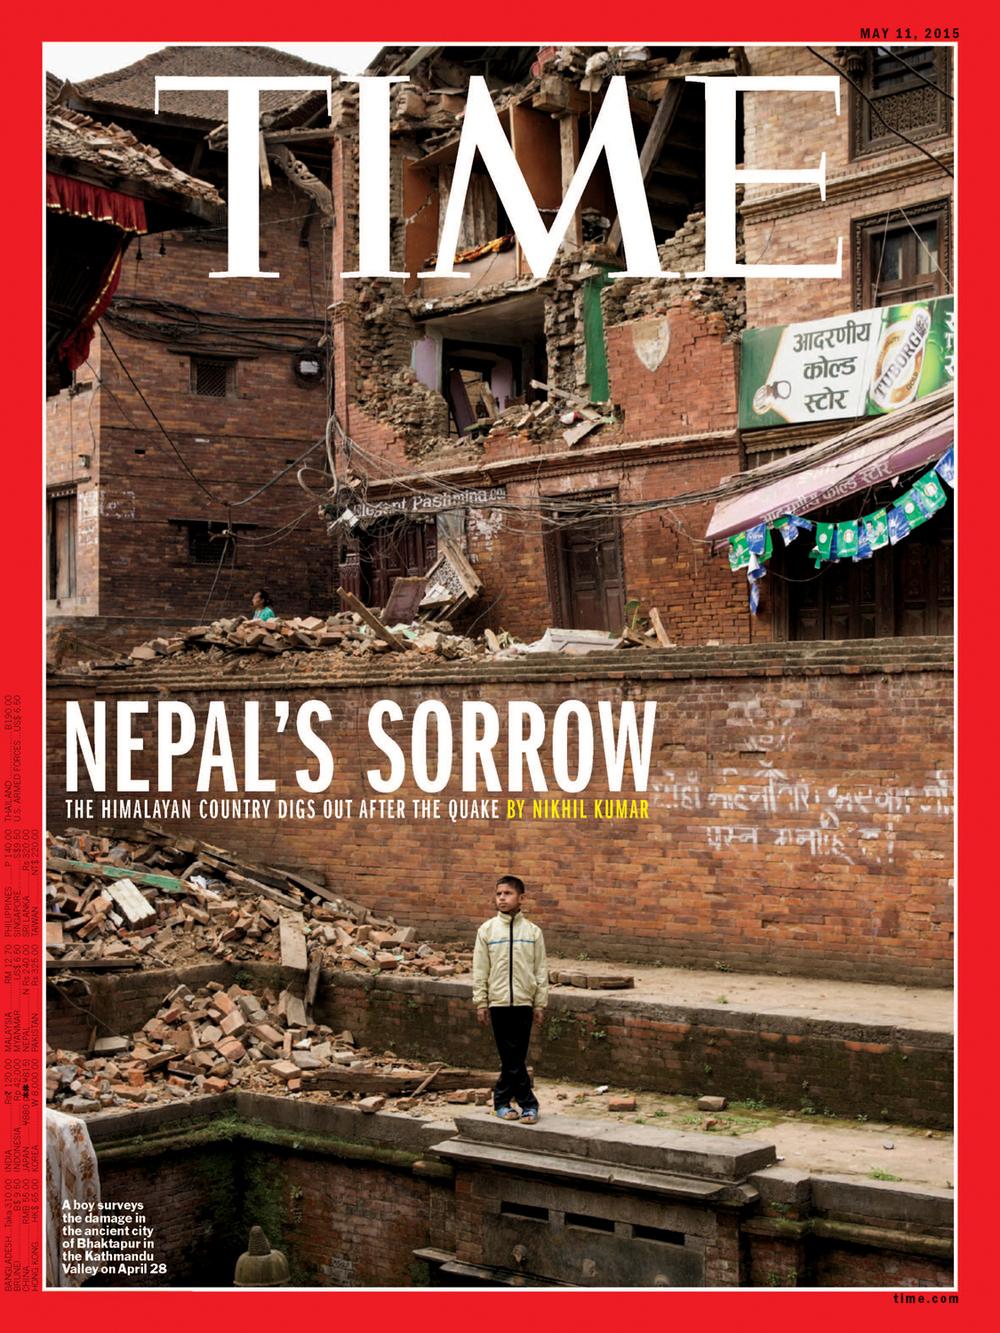 'Nepal's Sorrow',Time Magazine, May 11, 2015. Photo by Adam Ferguson